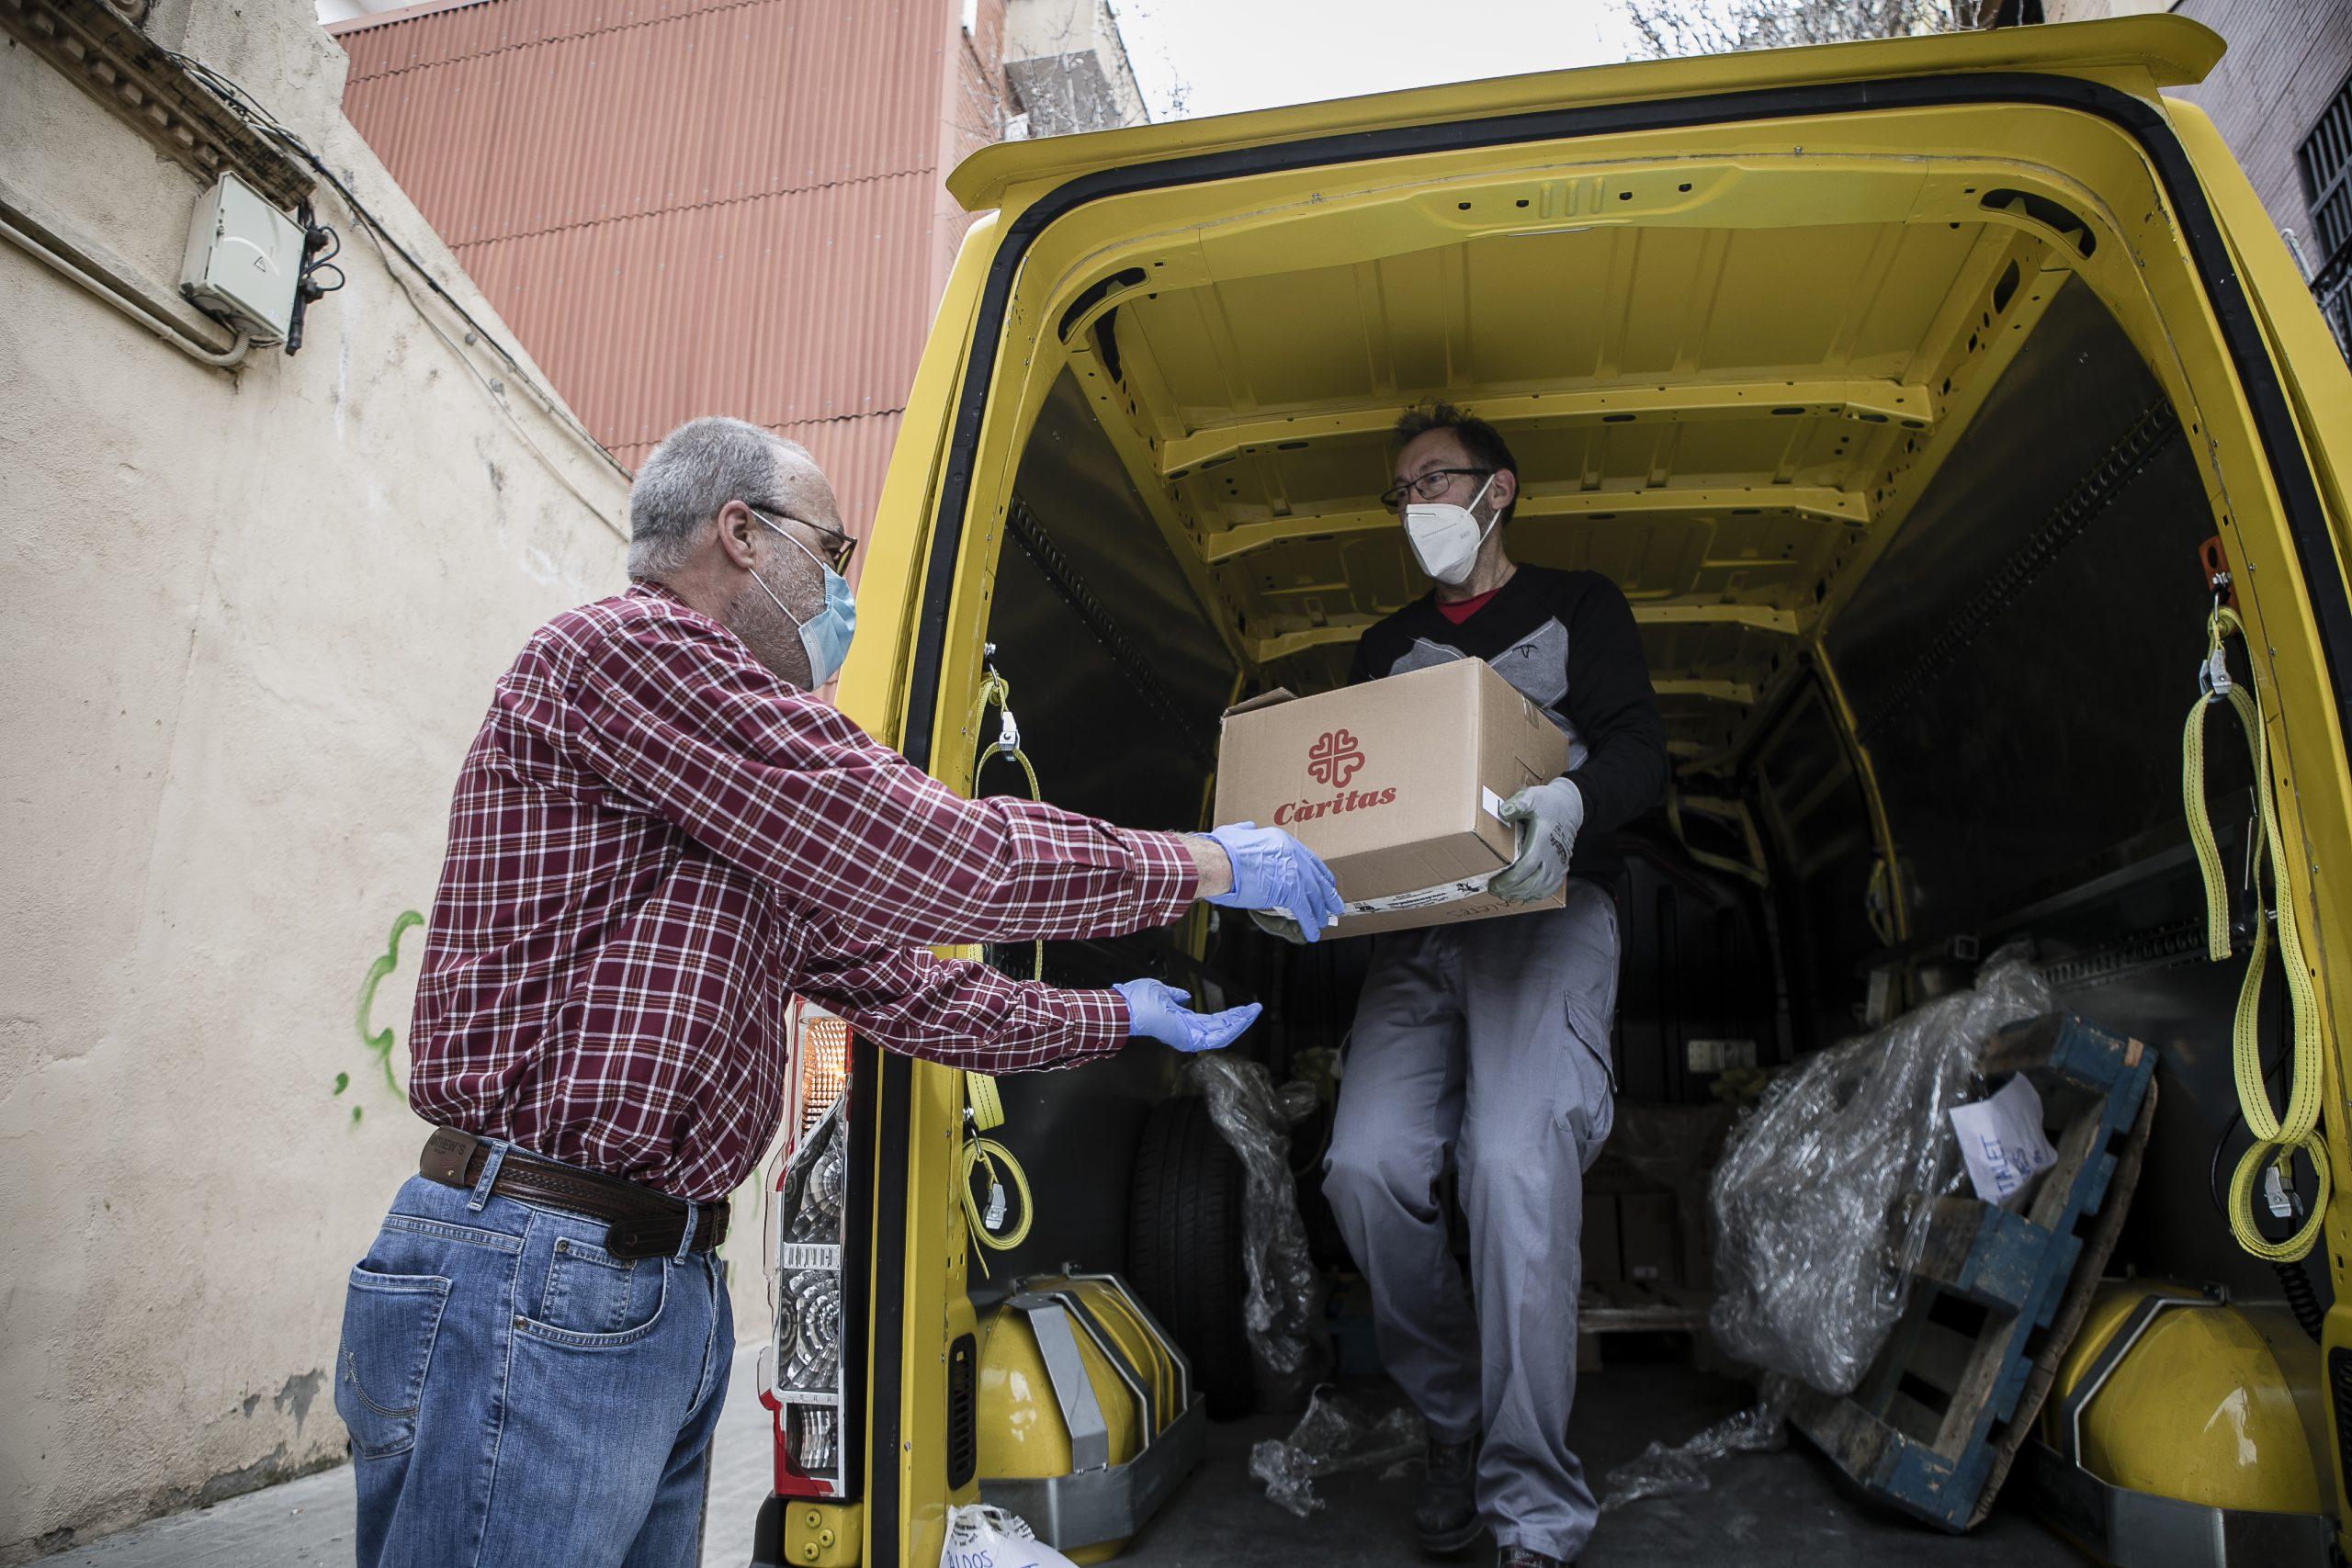 Los servicios de emergencia social de Cáritas Barcelona atienden a más de 3.000 hogares durante el mes de abril, el doble que el año anterior